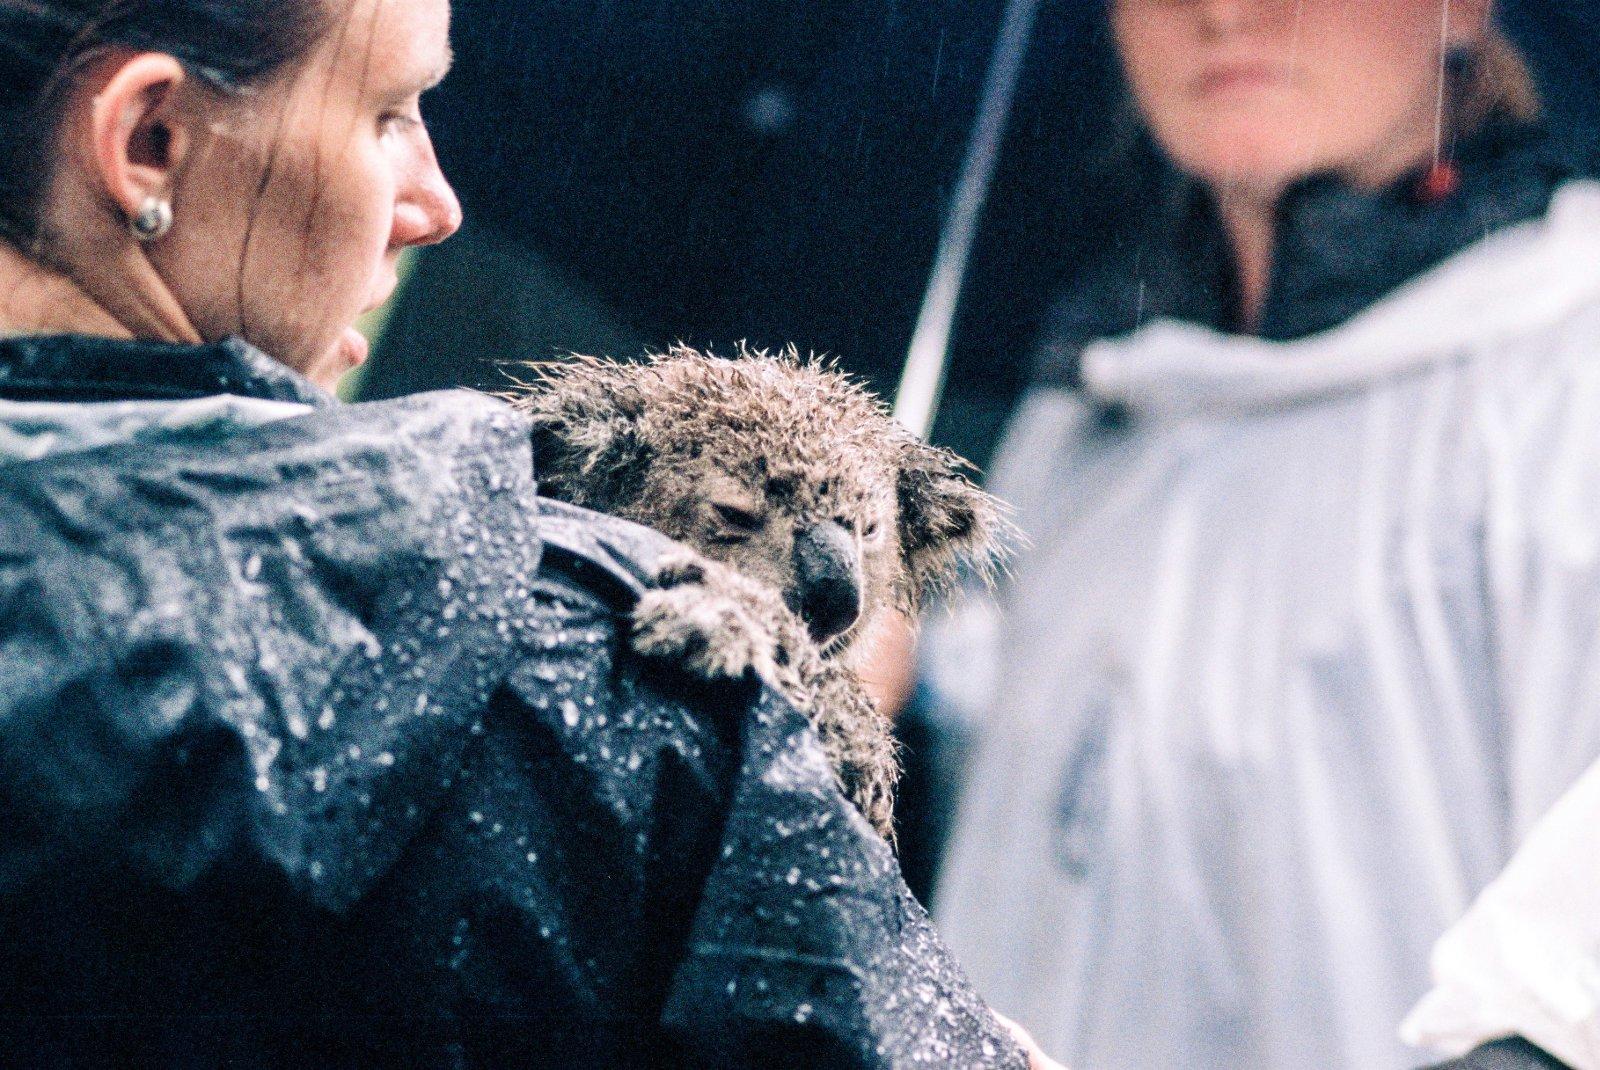 Entspannt, freundlich und unheimlich hilfsbereit gegenüber Mensch und Tier. Hier stimmt ein australisches Klischee voll und ganz.